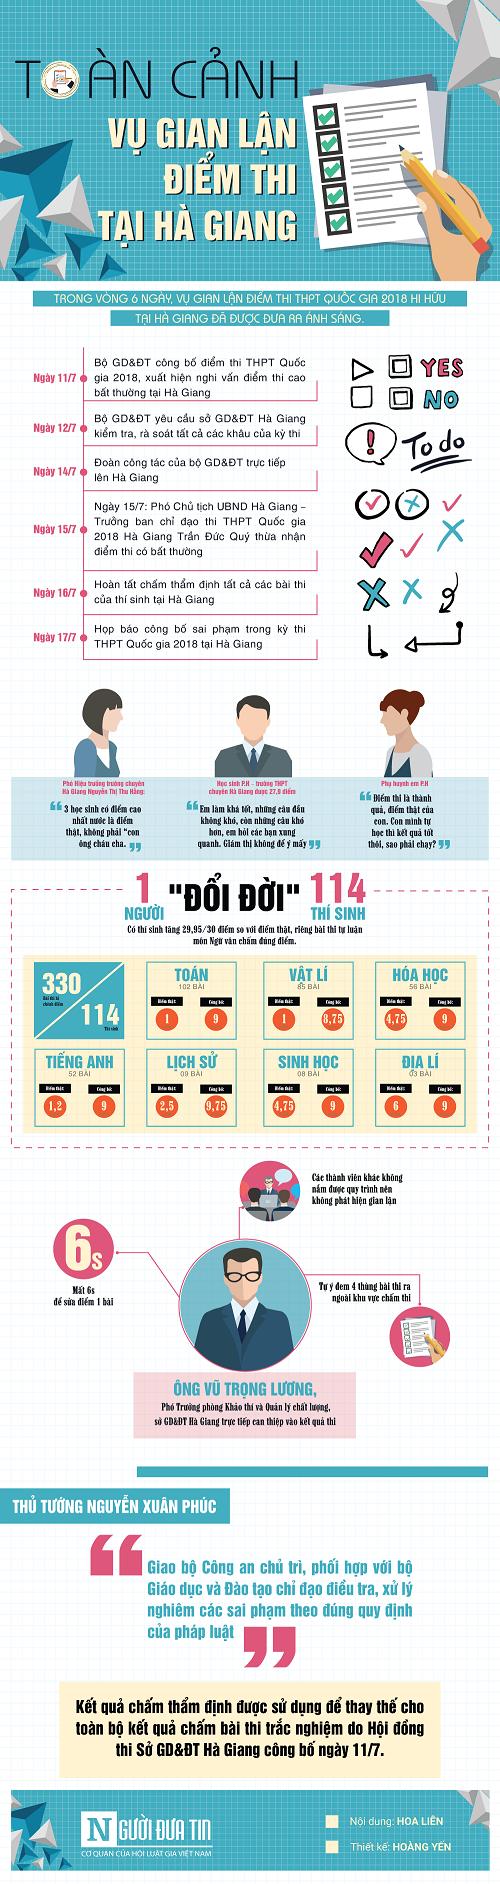 """Infographic vụ gian lận điểm thi tại Hà Giang: 1 người """"đổi đời"""" 114 thí sinh - Ảnh 1"""